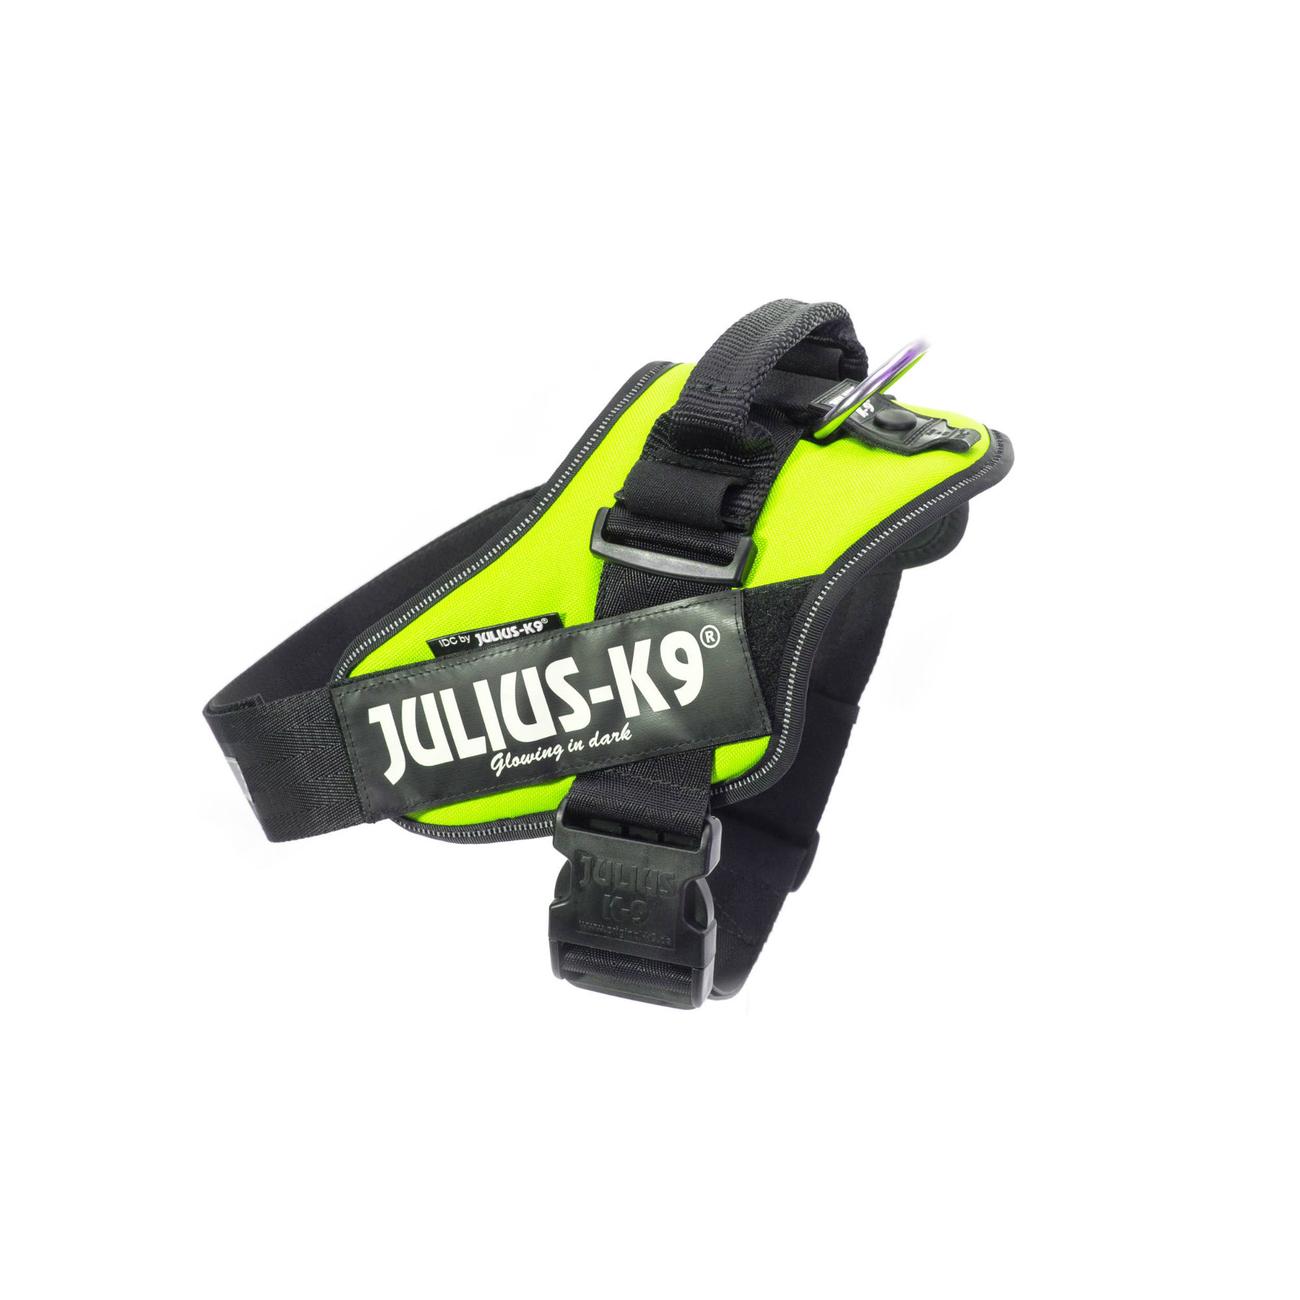 Julius K9 IDC® Powergeschirr® für Hunde, Bild 11